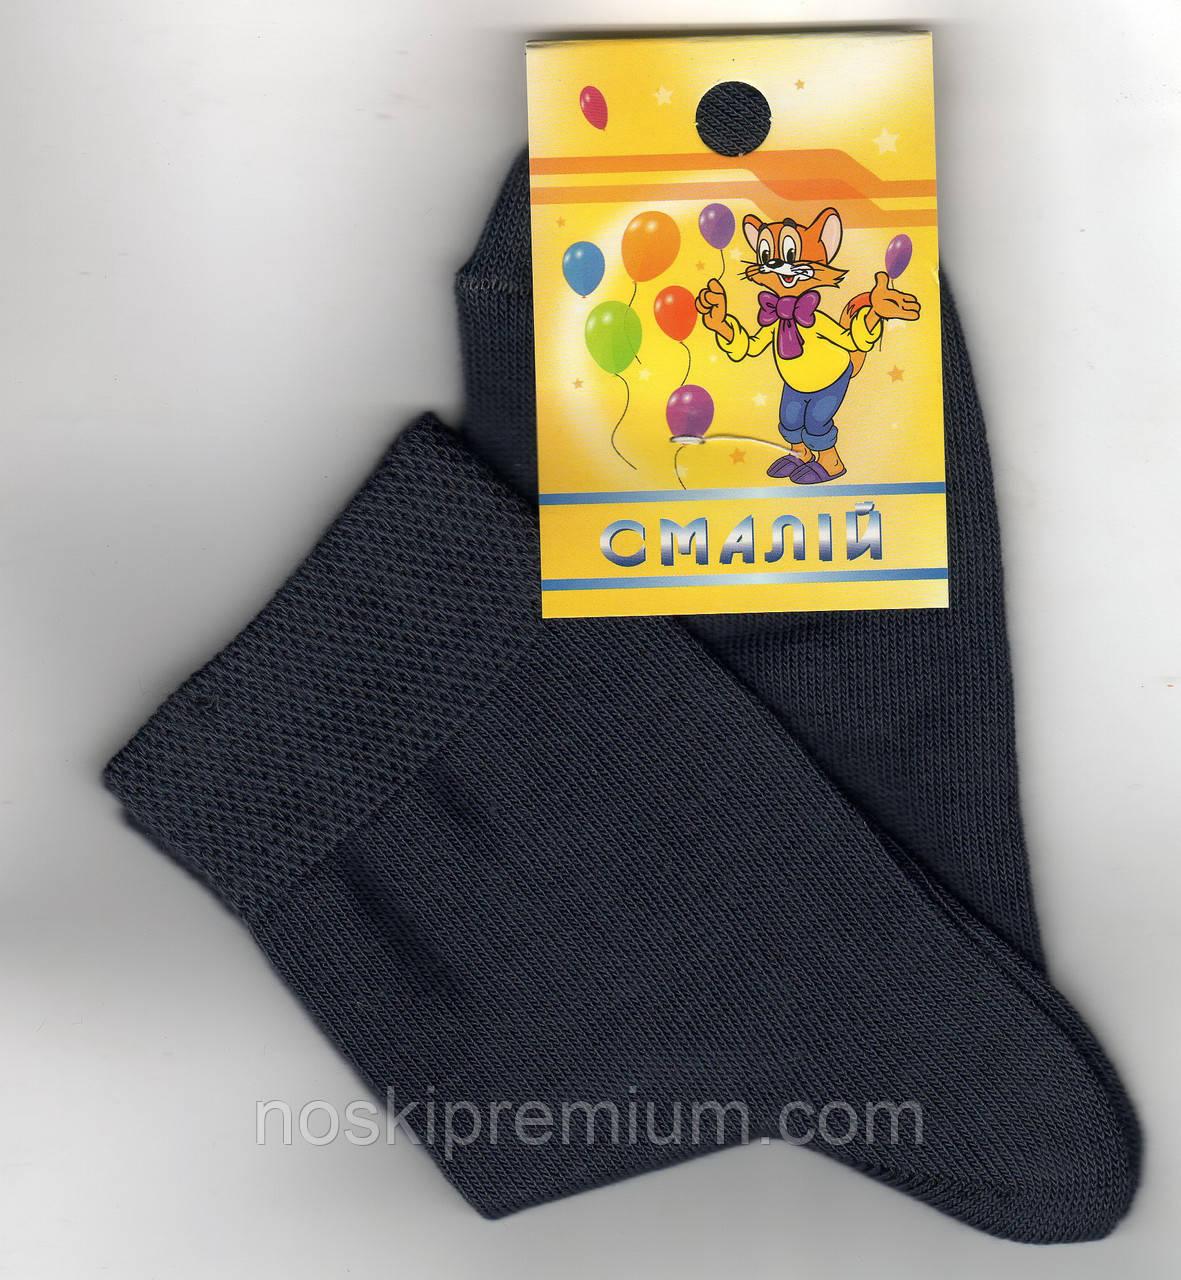 Детские носки демисезонные х/б Смалий, рис 00, цвет 16, 22 размер (33-35), 10202